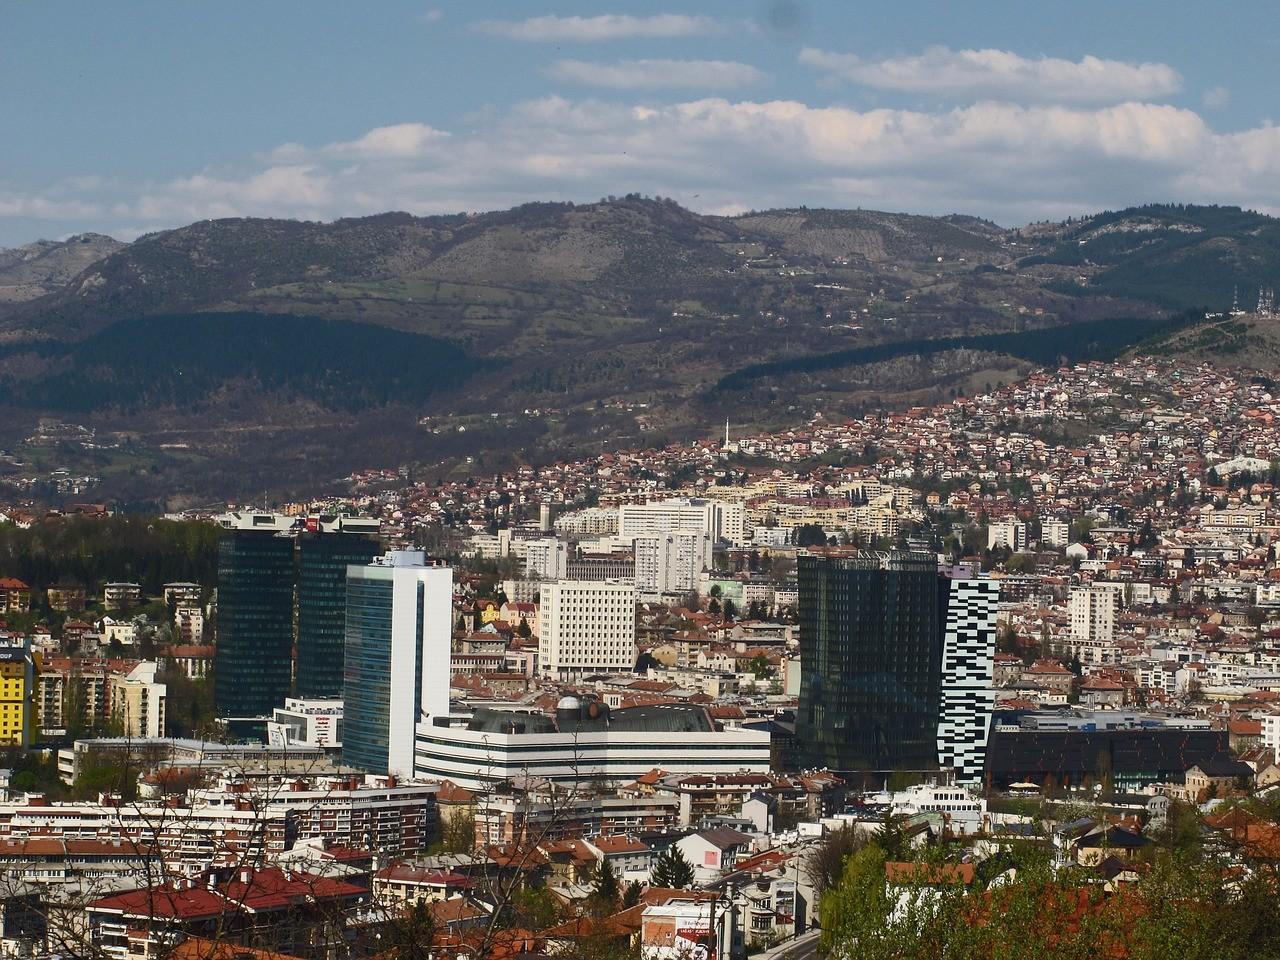 Bosna i Hercegovina dobija JOŠ JEDAN GRAD! Njegovo područje je bilo naseljeno još u praistoriji